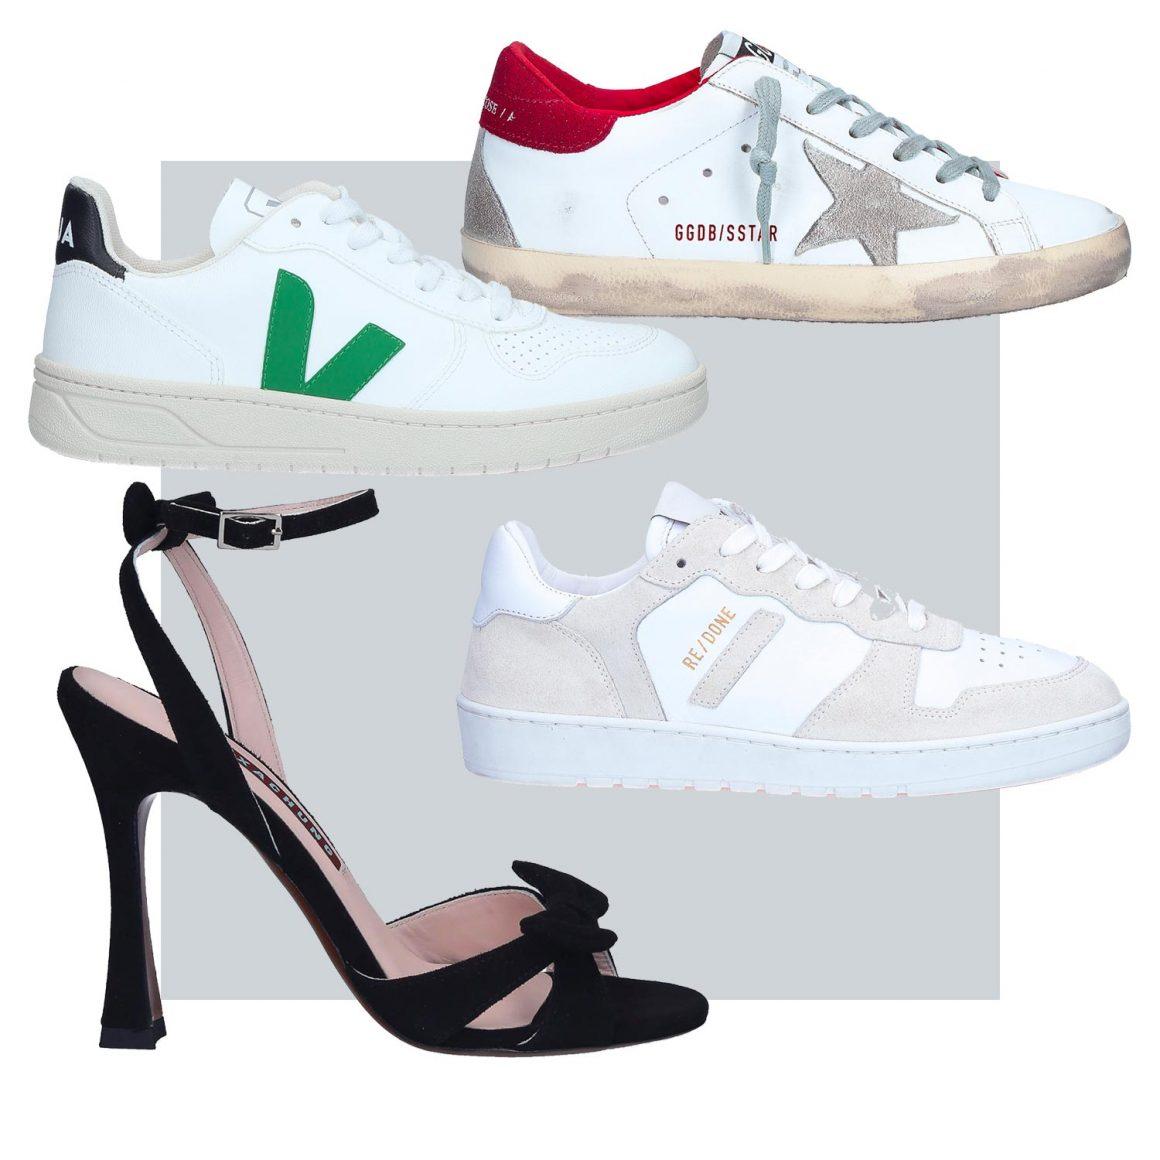 Sélection de chaussures à retrouver chez Jane de Boy